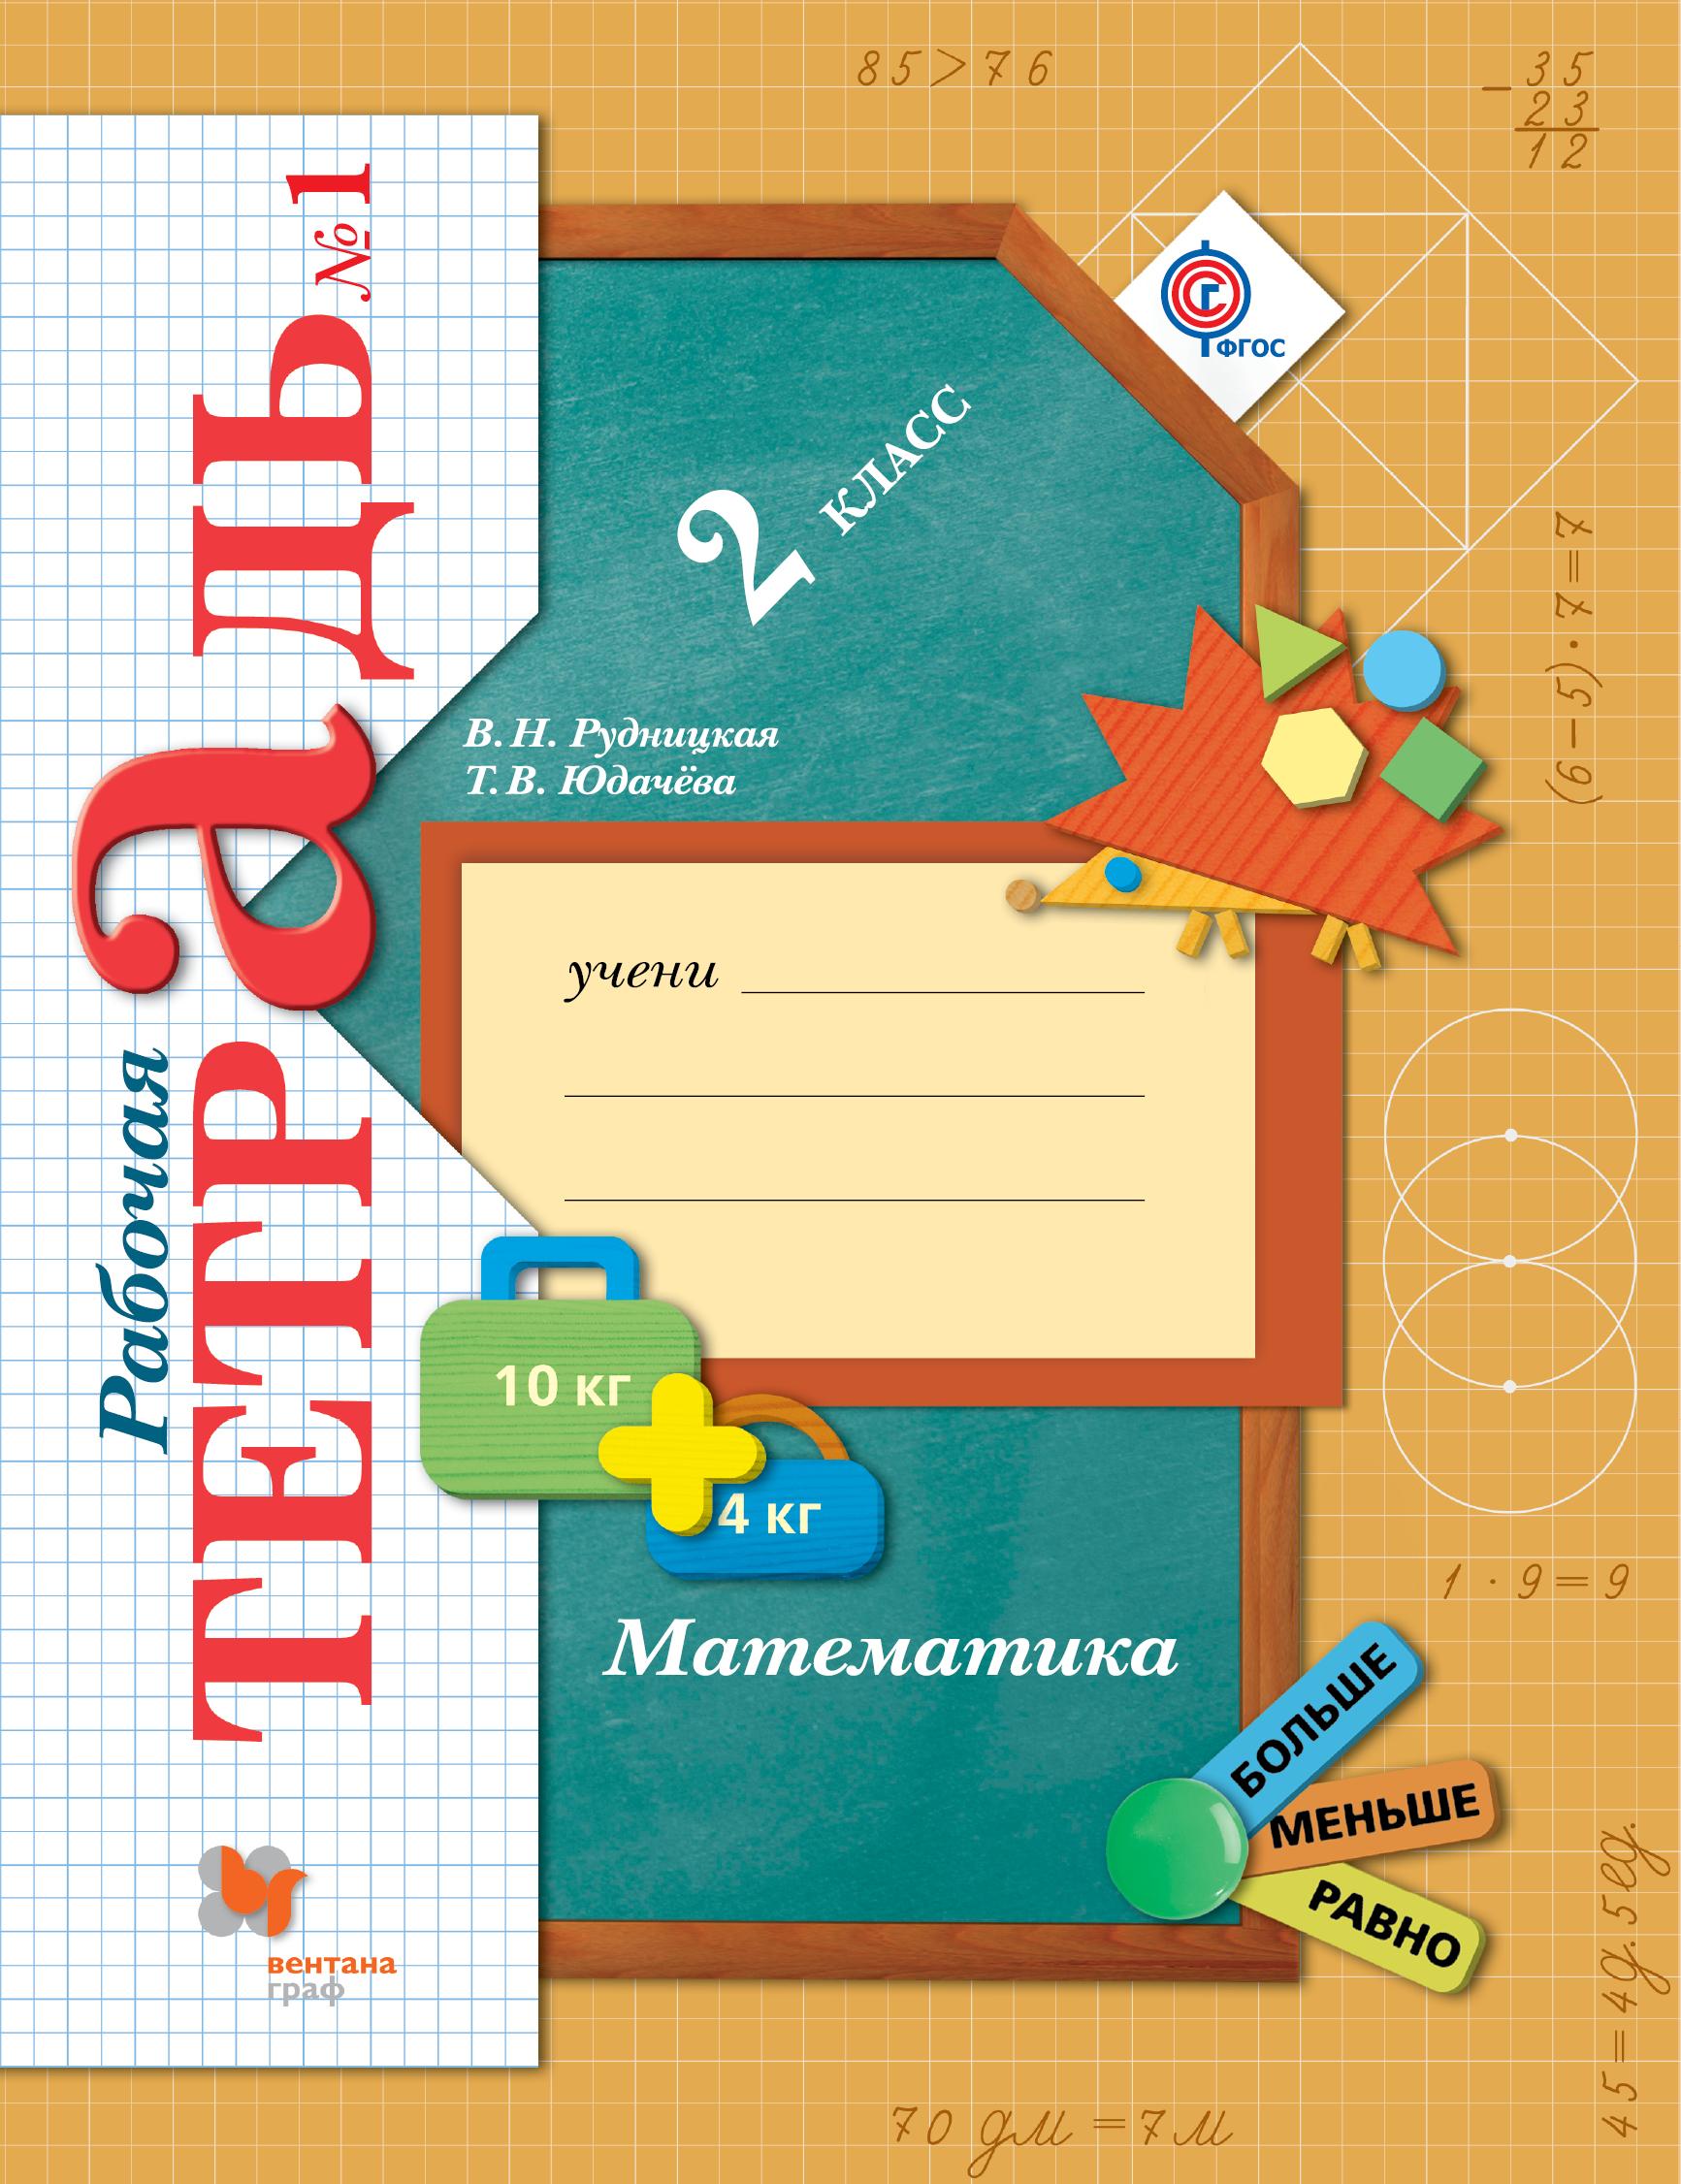 В. Н. Рудницкая, Т. В. Юдачева Математика. 2класс. Рабочая тетрадь №1 в н рудницкая математика 1 класс рабочая тетрадь 3